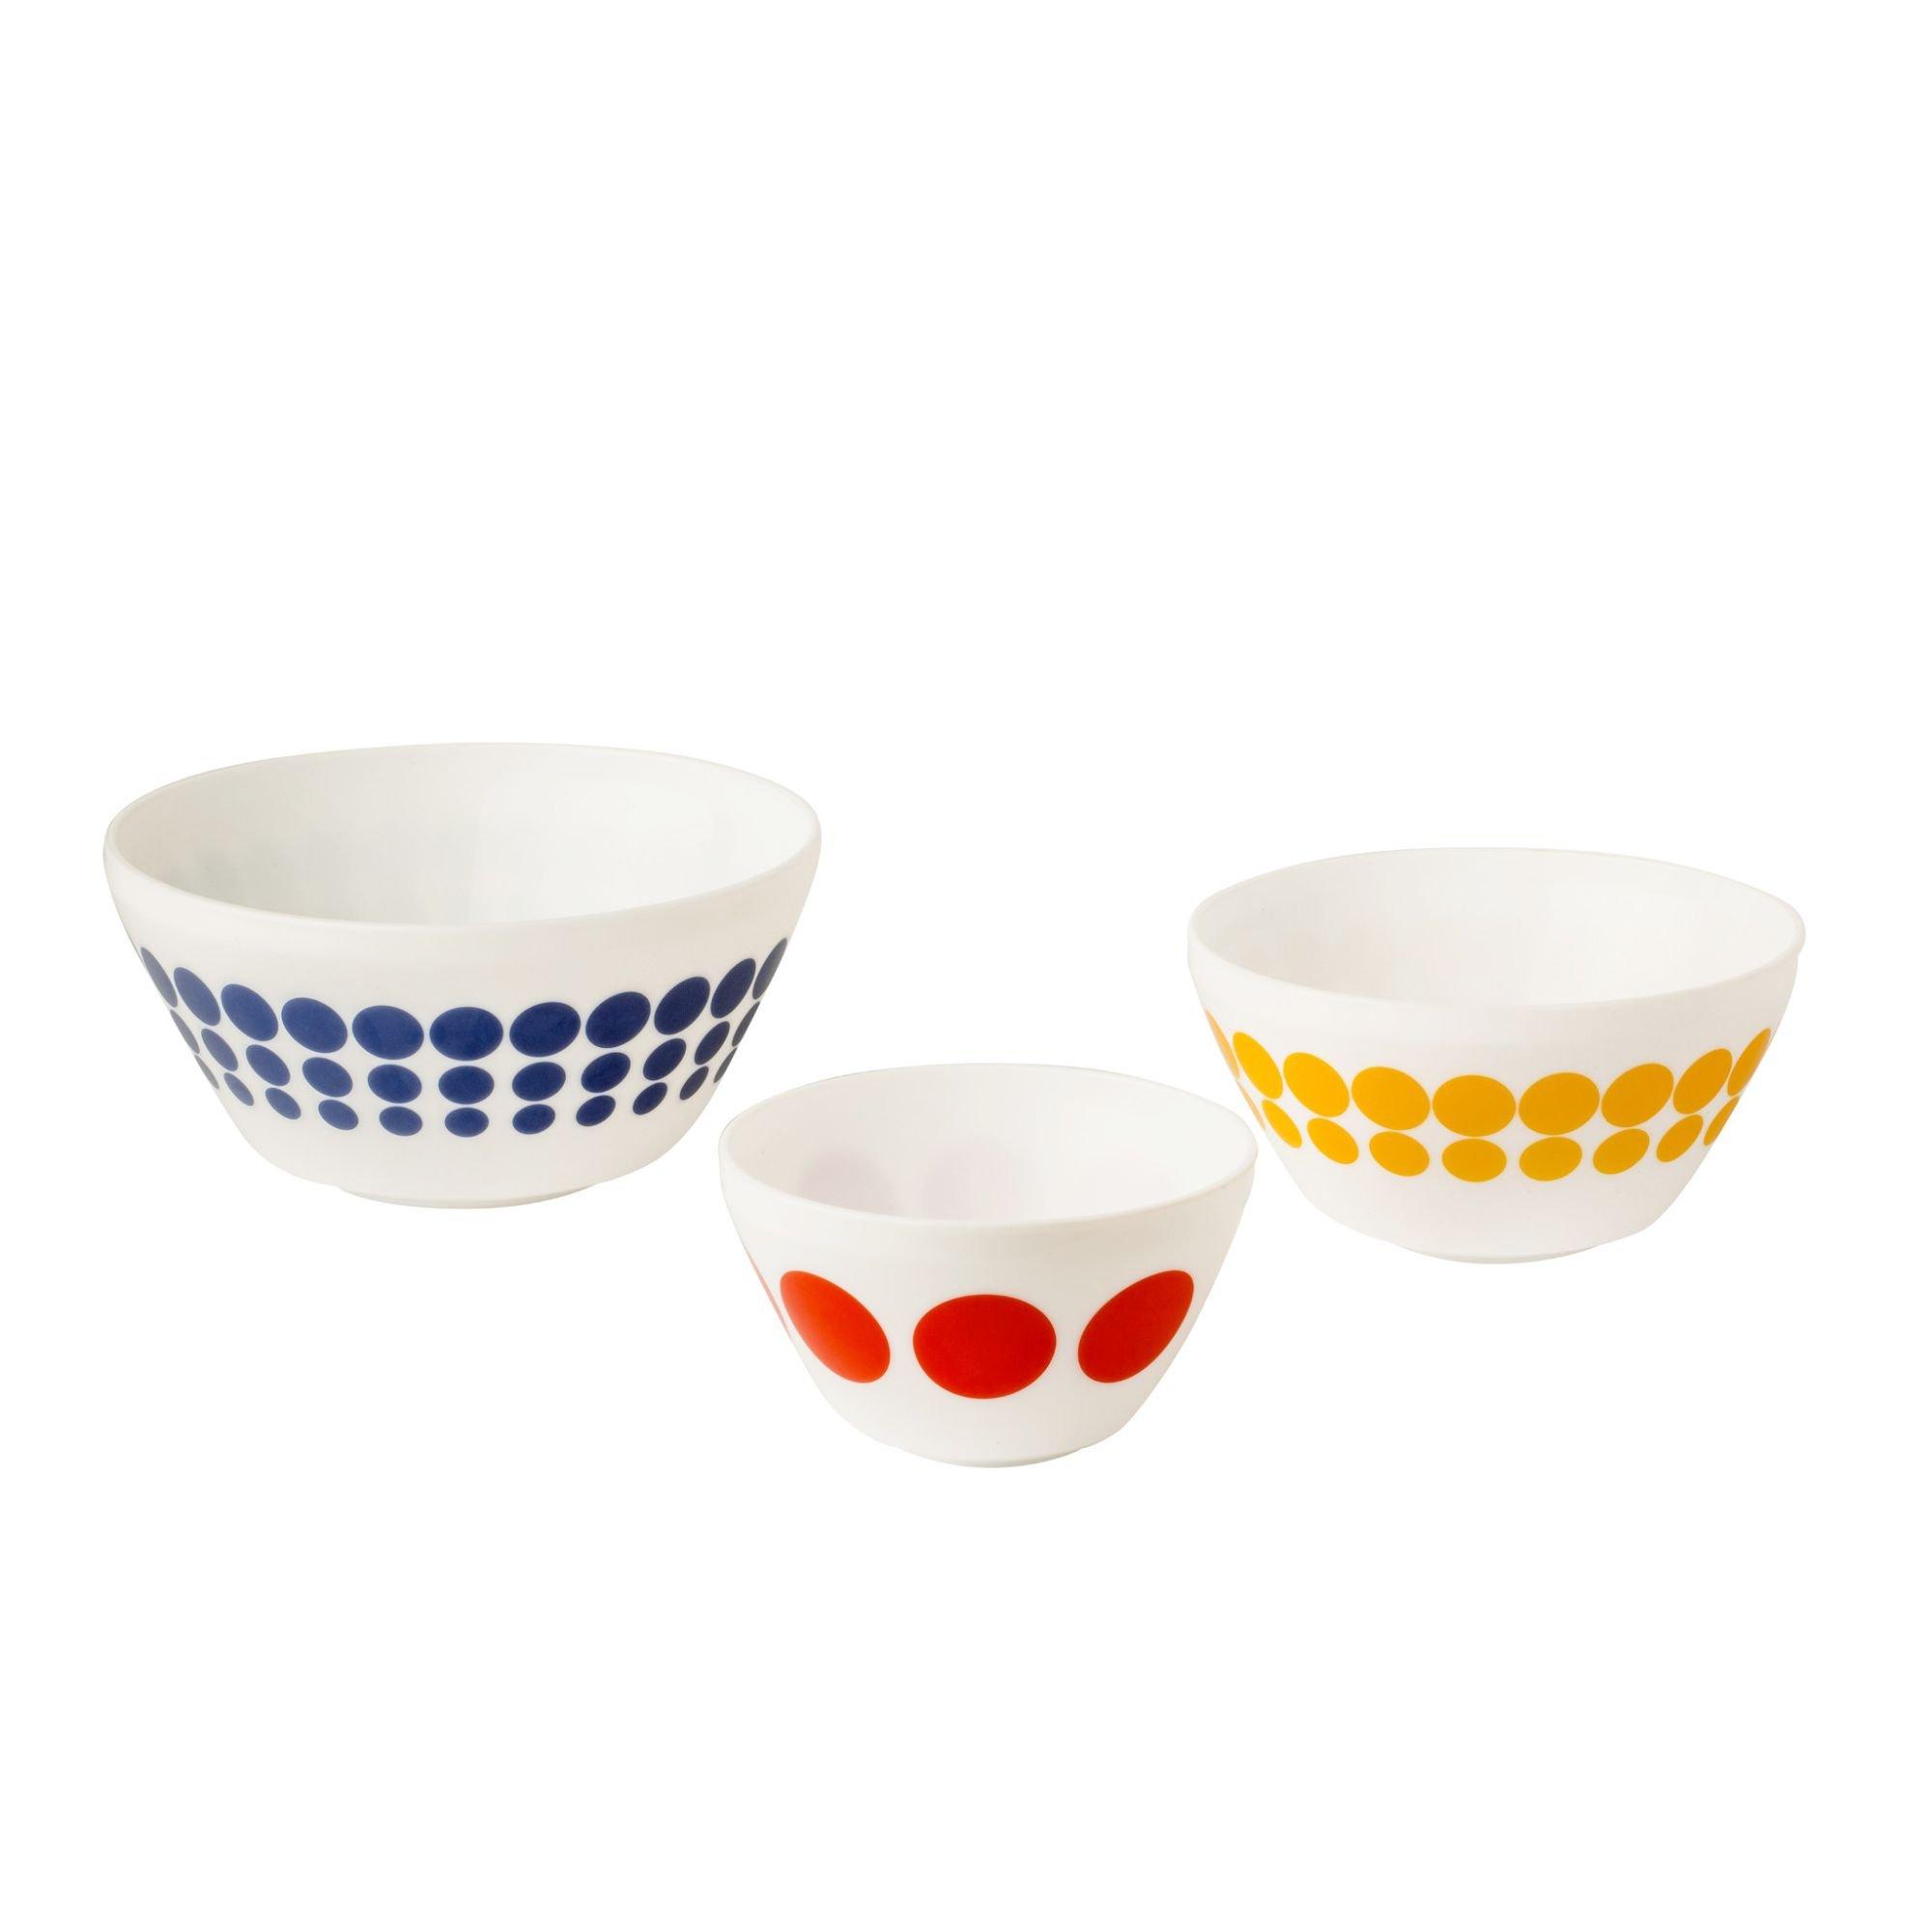 Pyrex 1125471 Vintage Charm Spot-On 3 Piece Mixing Bowl Set, Multicolor